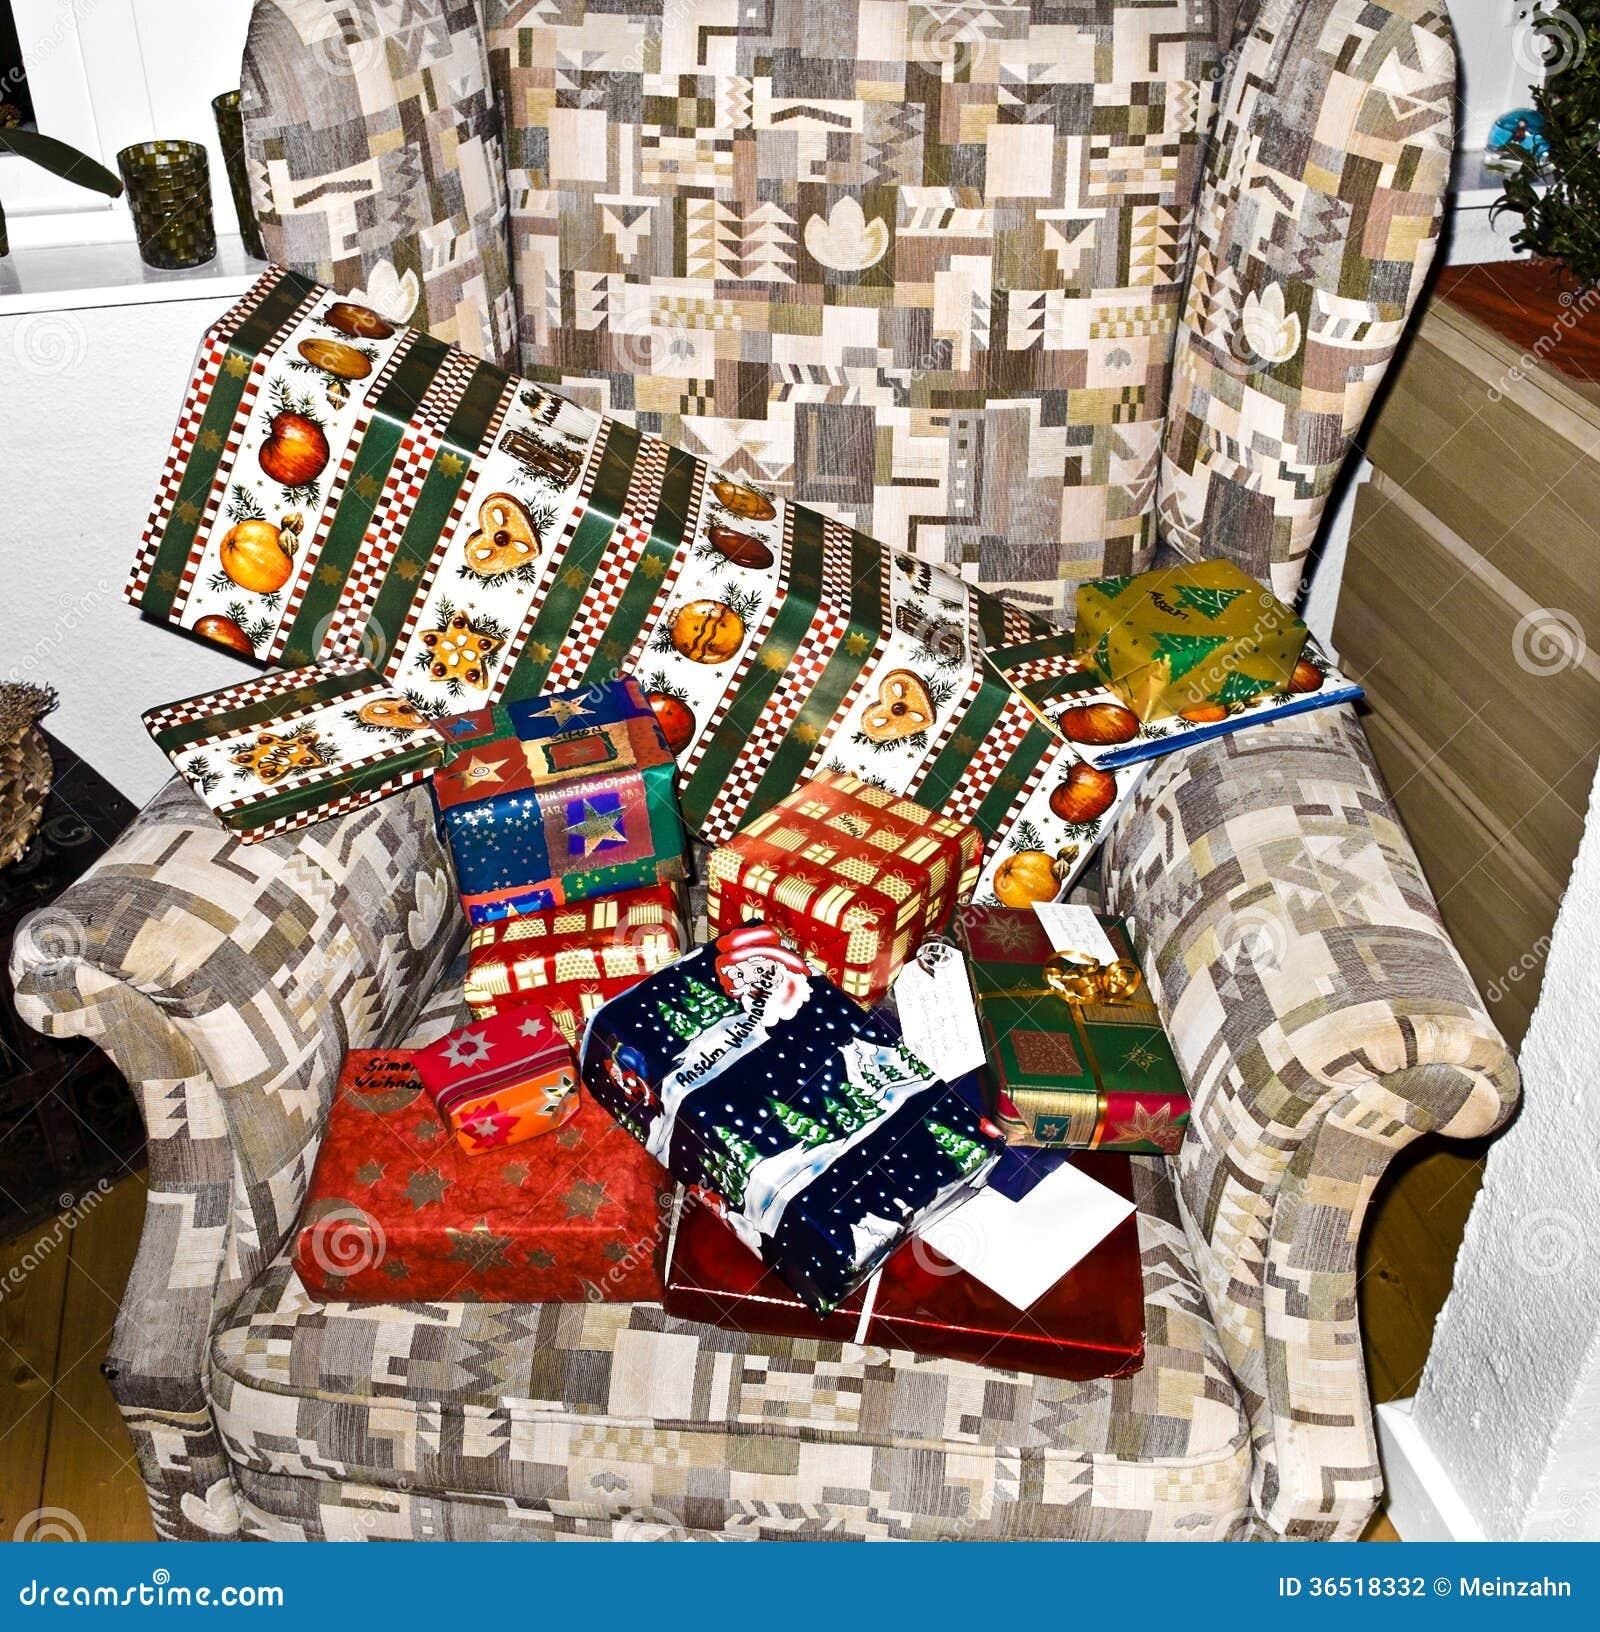 Des cadeaux de Noël sont décorés sur une chaise